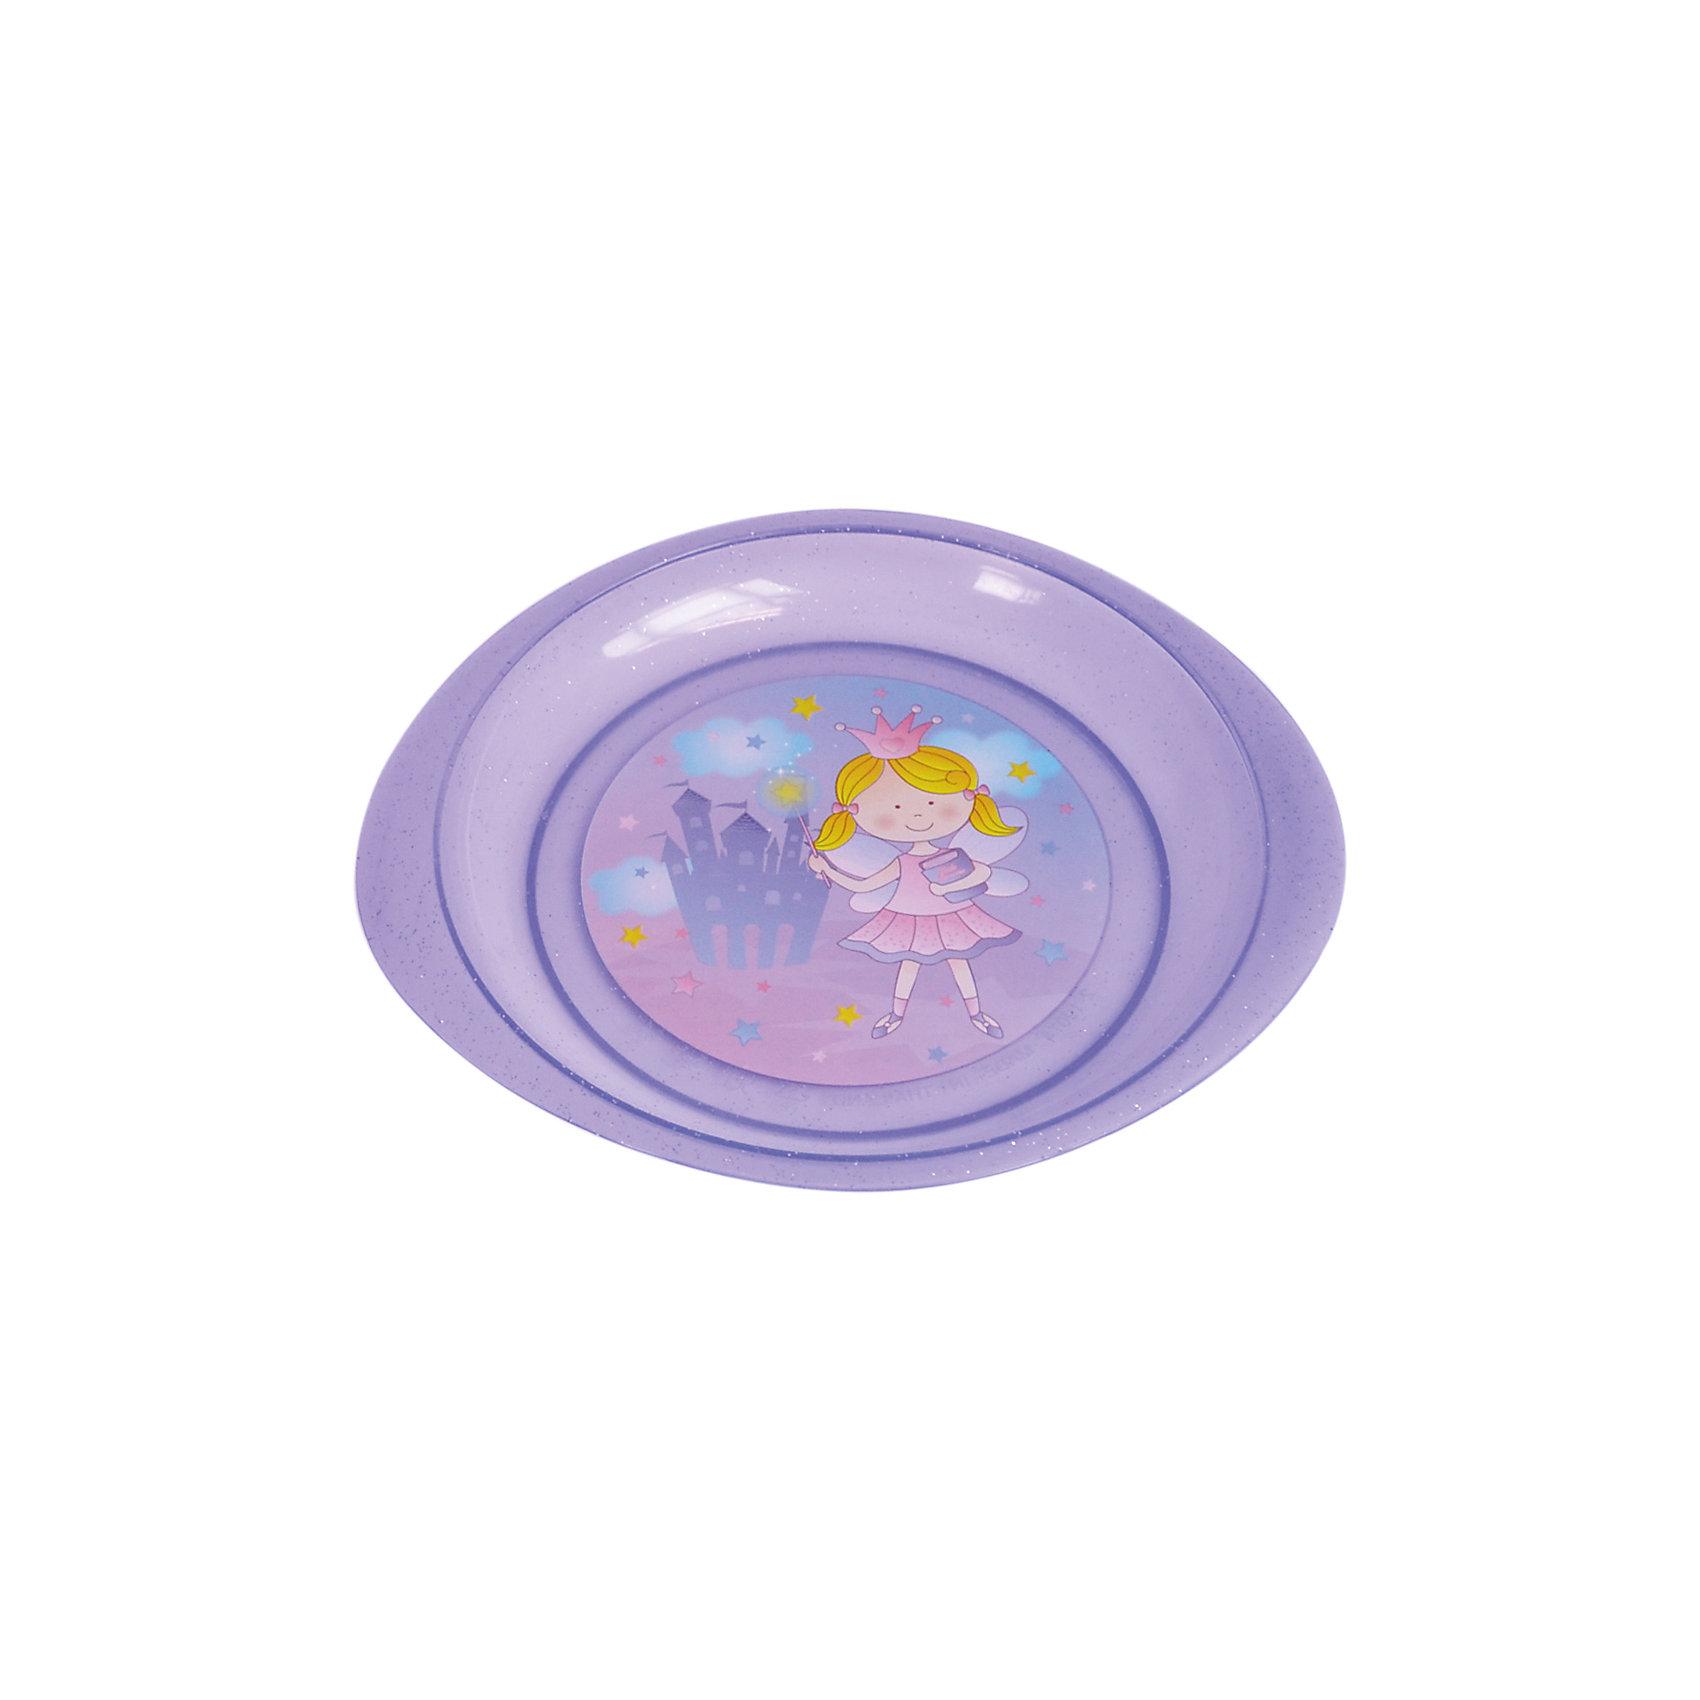 Тарелочка для вторых блюд, Kurnosiki, фиолетовыйПосуда для малышей<br>Характеристики:<br><br>• Наименование: тарелочка для вторых блюд<br>• Материал: пластик<br>• Пол: для девочки<br>• Цвет: фиолетовый<br>• Тематика рисунка: принцесса, замок<br>• Можно использовать как для холодных, так и для горячих блюд<br>• Можно использовать для СВЧ<br>• Удобные ручки с антискользящей поверхностью<br>• Декорирована блестками<br>• Вес: 80 г<br>• Параметры (Д*Ш*В): 28*21*2 см <br>• Особенности ухода: разрешается мыть в посудомоечной машине<br><br>Тарелочка для вторых блюд, Kurnosiki, фиолетовый выполнена из безопасного и ударопрочного пластика, по бокам имеются литые нескользящие ручки. <br><br>Тарелочка для вторых блюд, Kurnosiki, фиолетовый выполнена в ярком дизайне: дно оформлено сюжетной картинкой принцессы на фоне замка, весь корпус декорирован блестками. Рисунок устойчив к выцветанию и истиранию. Тарелочка для вторых блюд от Курносиков позволит без труда накормить даже самых непоседливых маленьких принцесс!<br><br>Тарелочку для вторых блюд, Kurnosiki, фиолетовый можно купить в нашем интернет-магазине.<br><br>Ширина мм: 70<br>Глубина мм: 100<br>Высота мм: 190<br>Вес г: 63<br>Возраст от месяцев: 4<br>Возраст до месяцев: 36<br>Пол: Женский<br>Возраст: Детский<br>SKU: 5428717